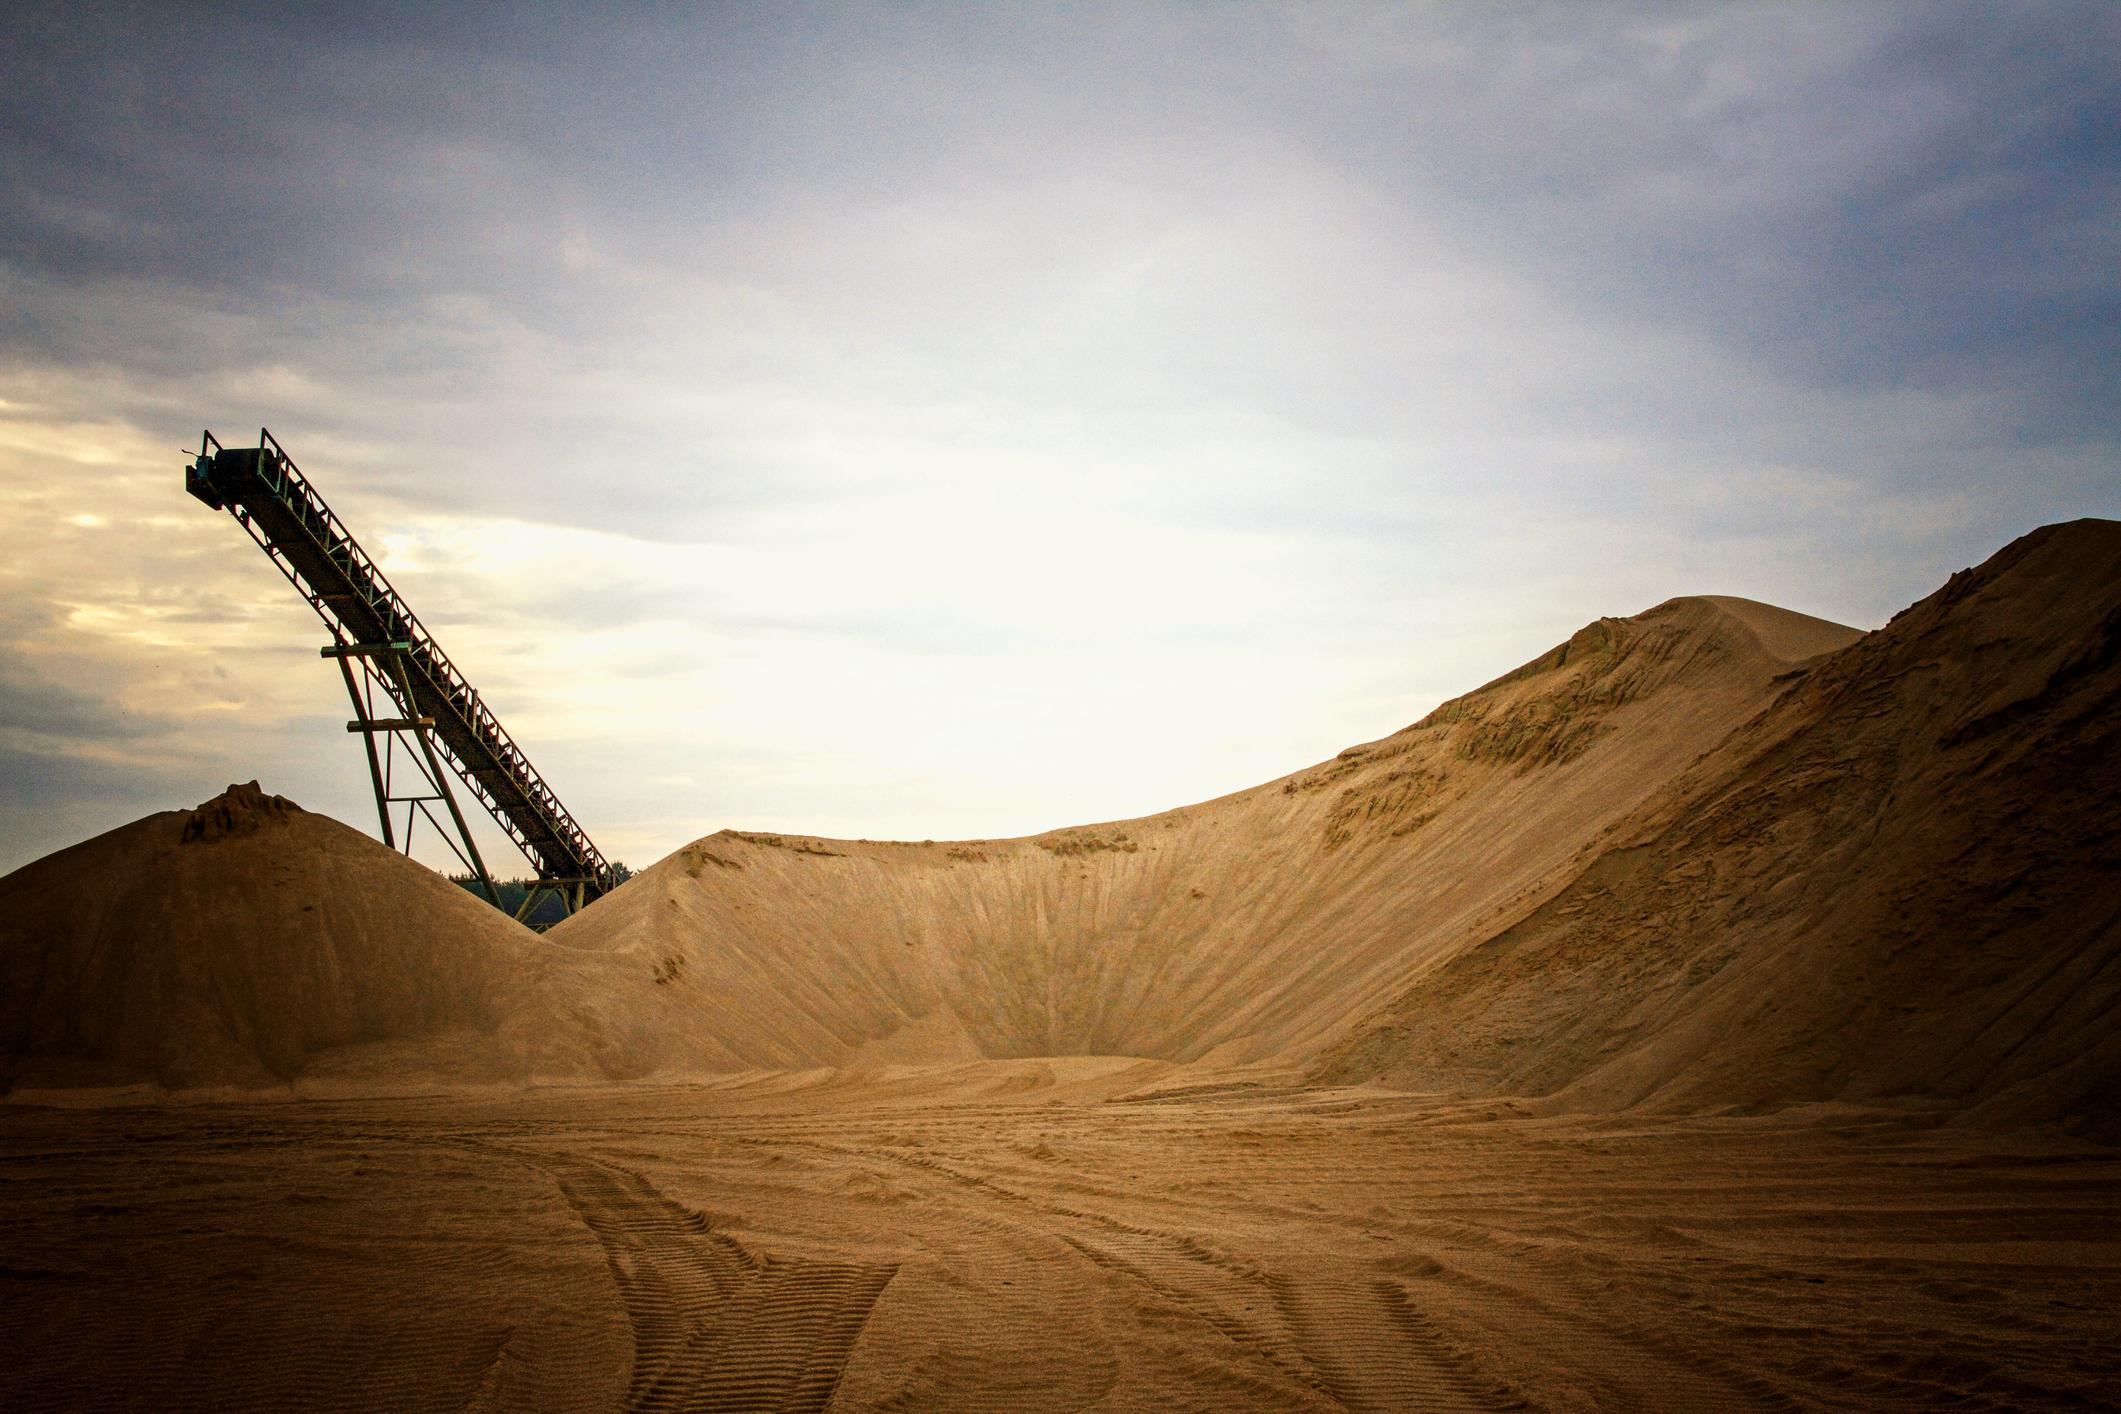 Sand mine